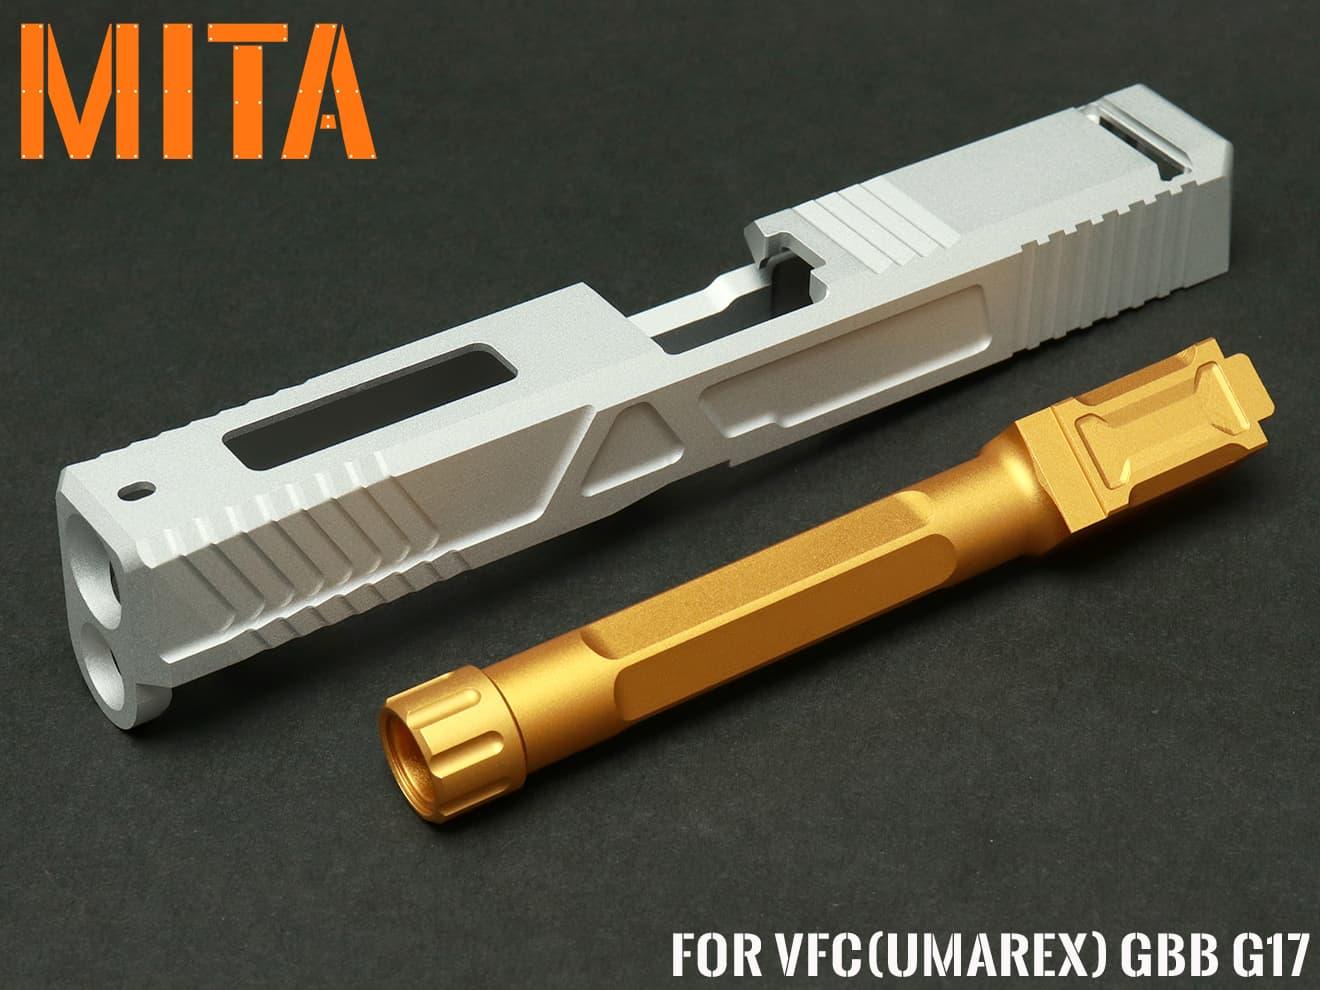 MITA アルミスライドCNC カスタムスライドキット for VFC GBB G17◆マットシルバー UMAREX G17 ヘキサゴンフルートバレル 14mm逆ネジ